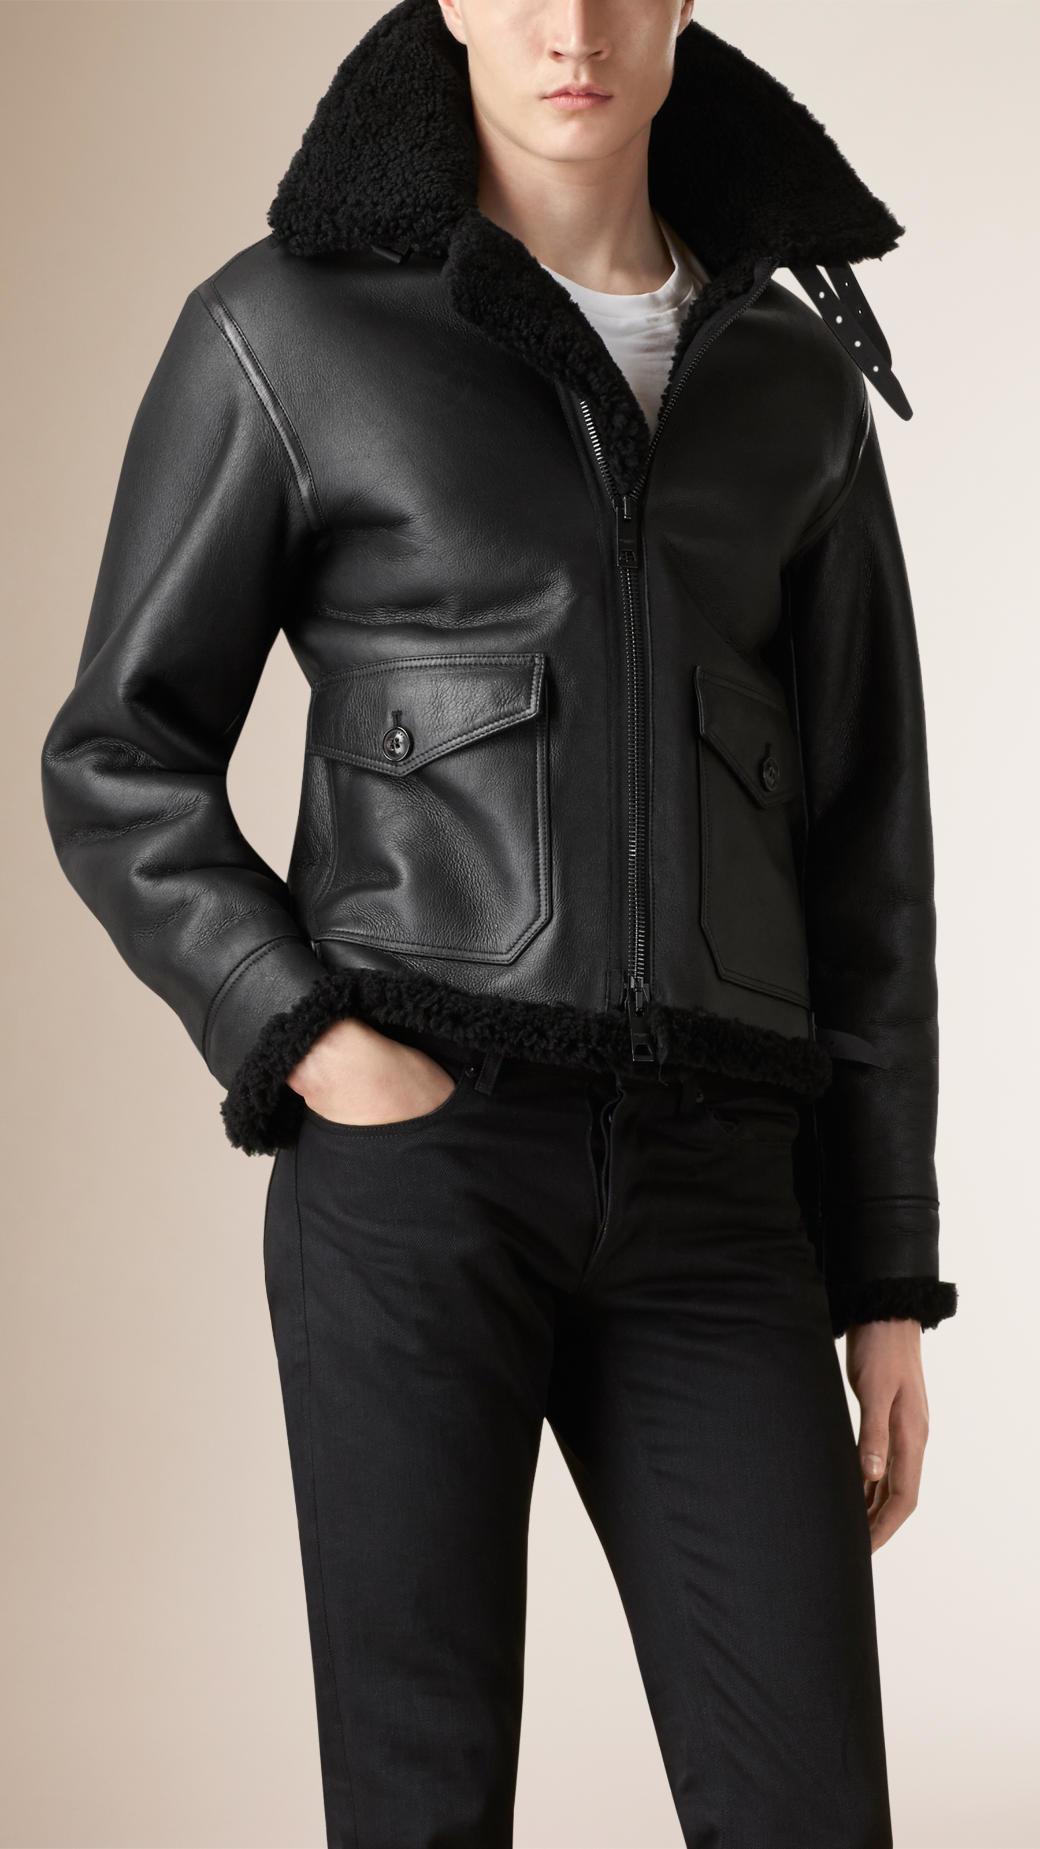 Aviation leather jacket